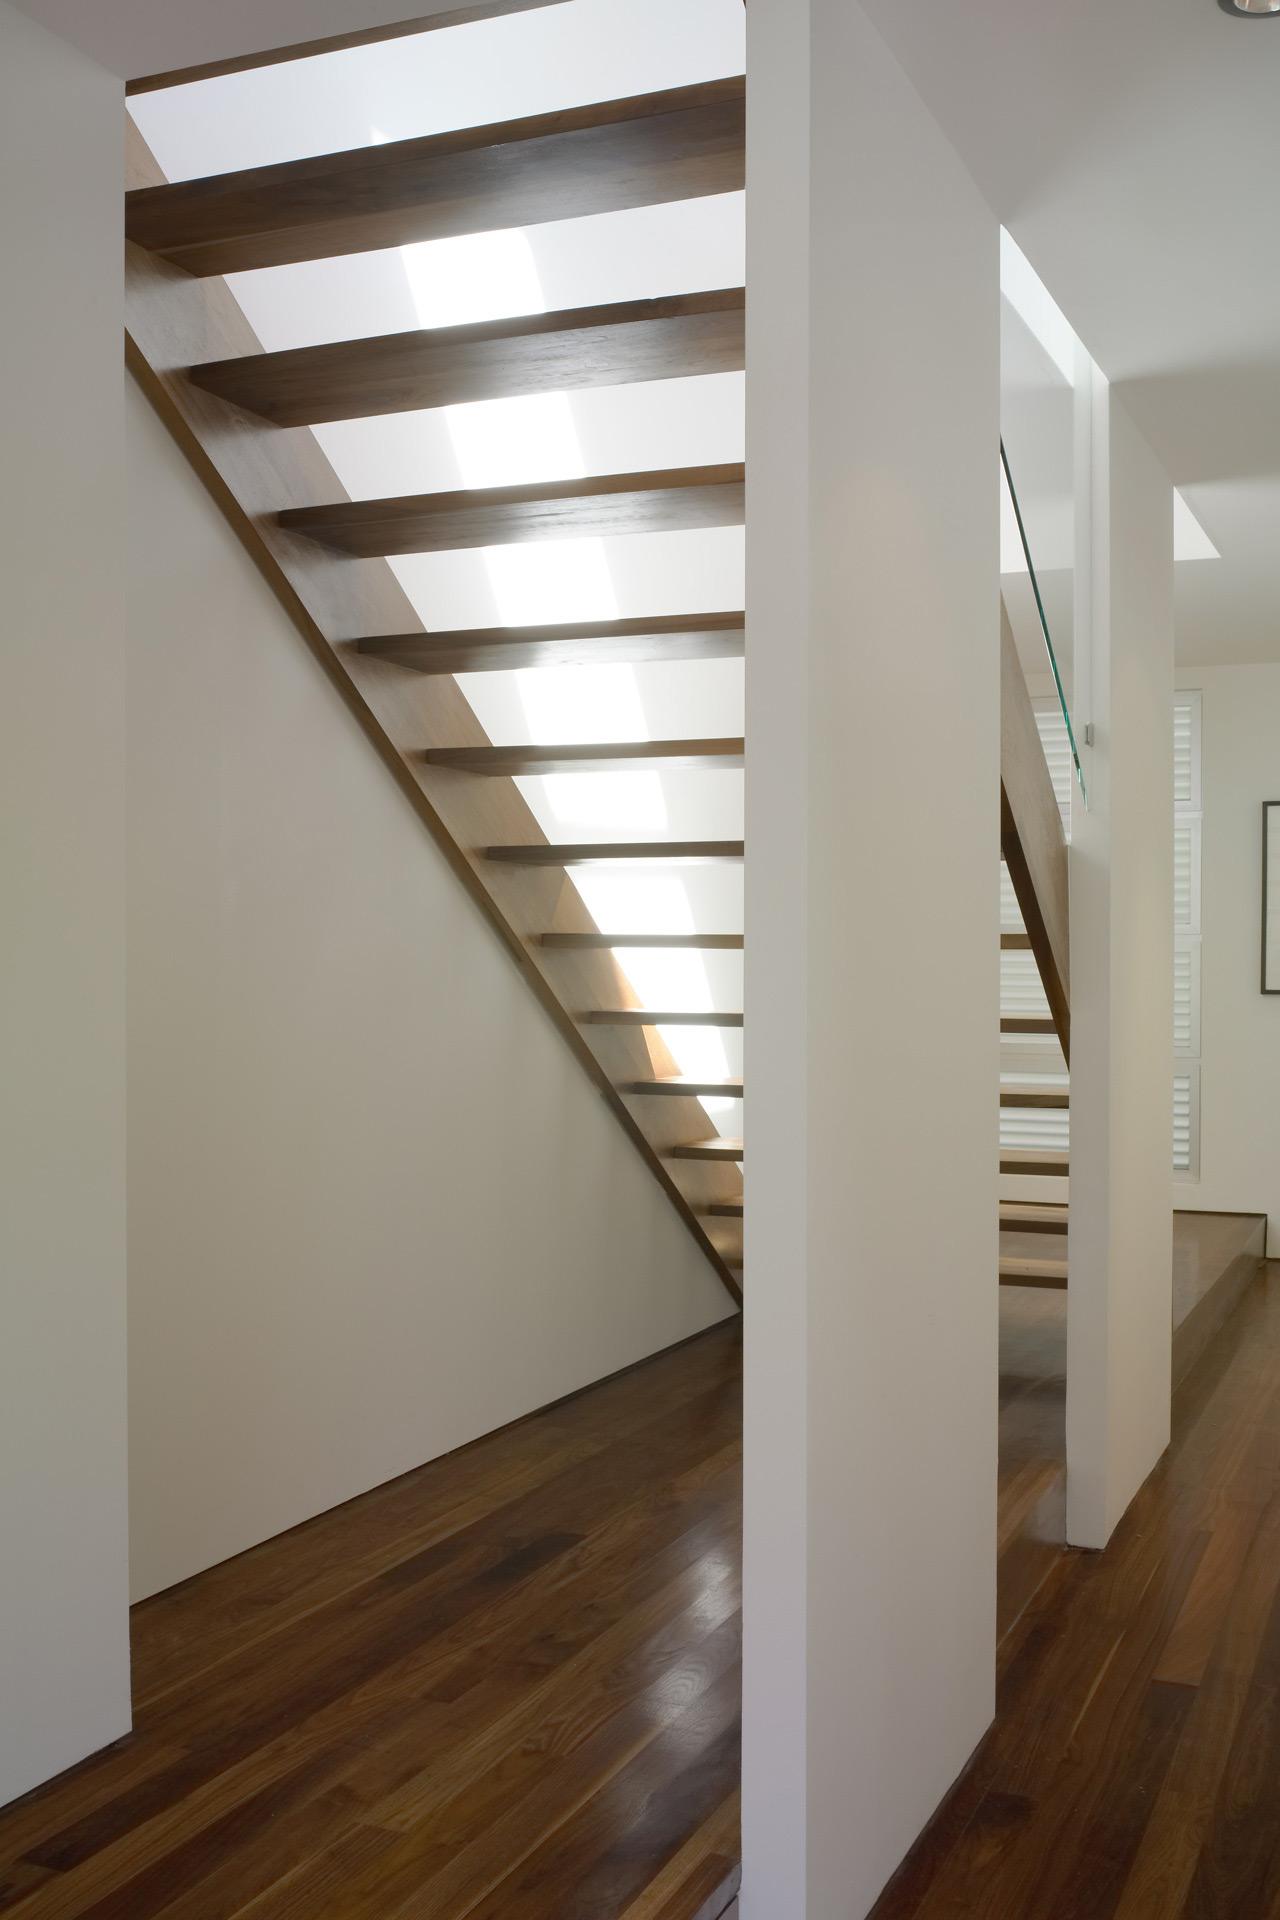 Haus Martin interior design